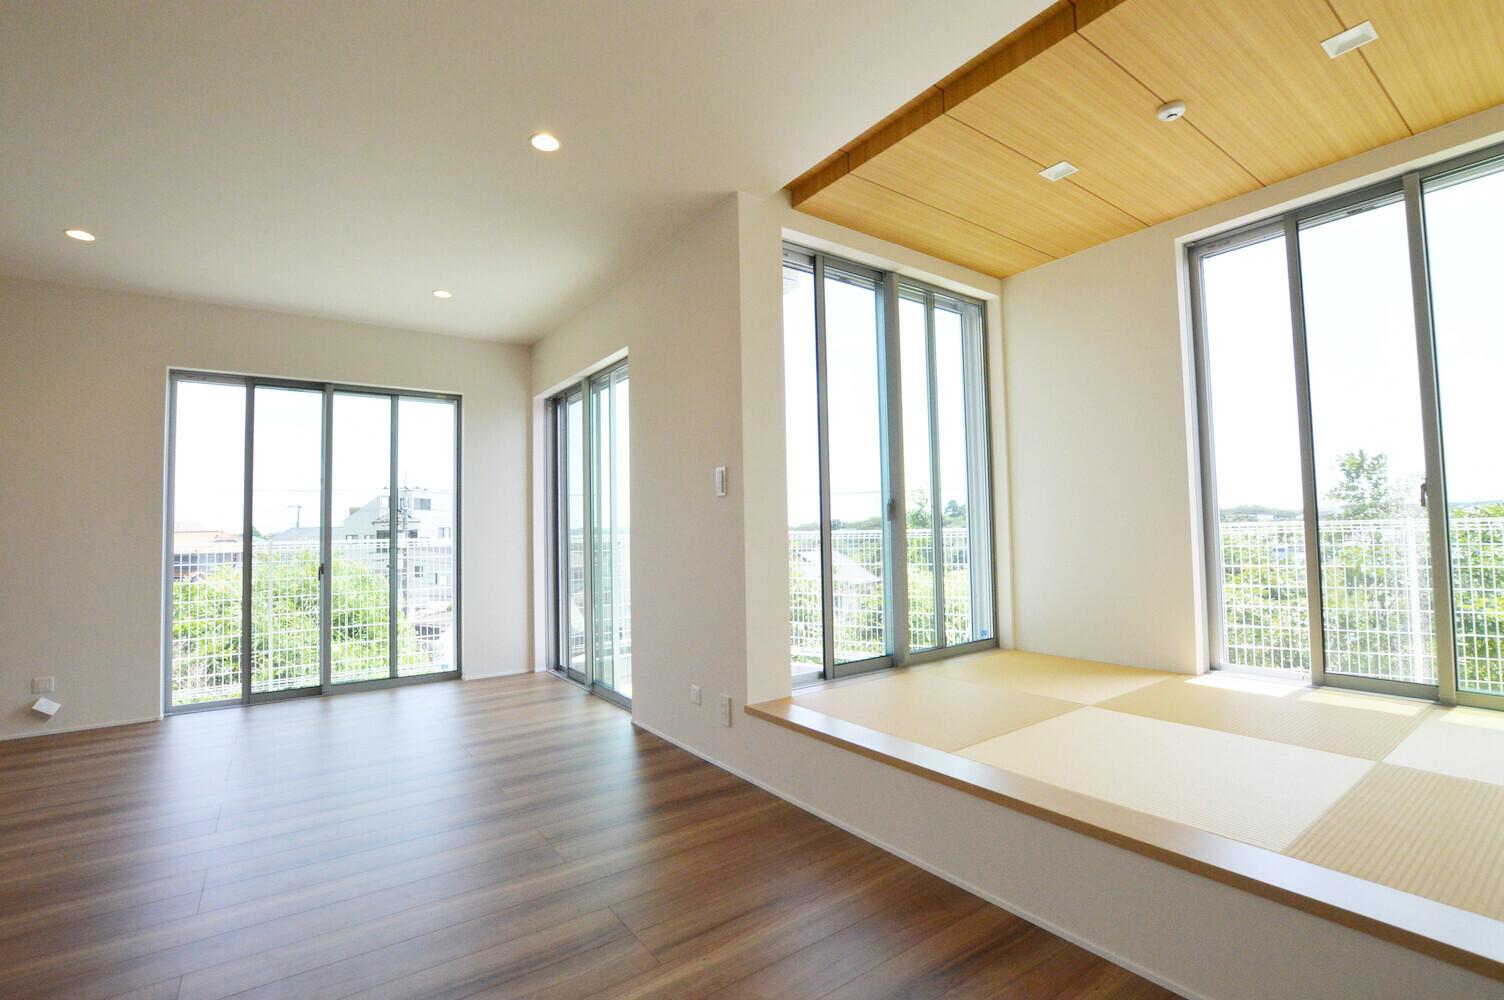 小上がり和室のリビングで寛ぐ家の建築事例写真